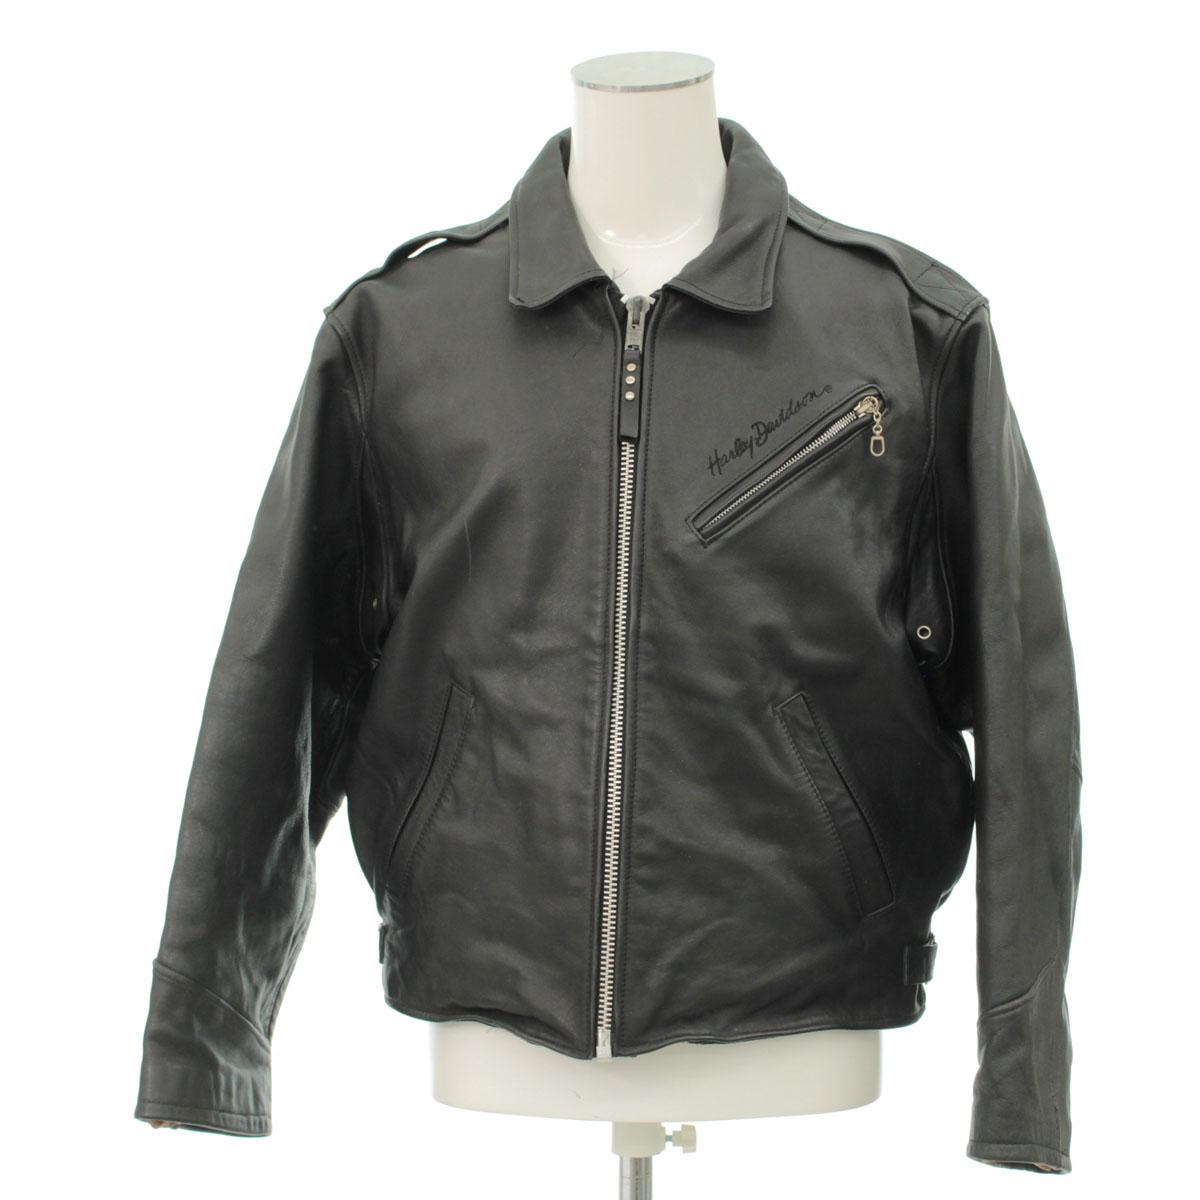 【中古】◆HARLEY DAVIDSON ハーレーダビッドソン シングルライダースジャケット Mサイズ◆ 黒/ブラック/レザー/革ジャン/バイク/メンズ/アウター